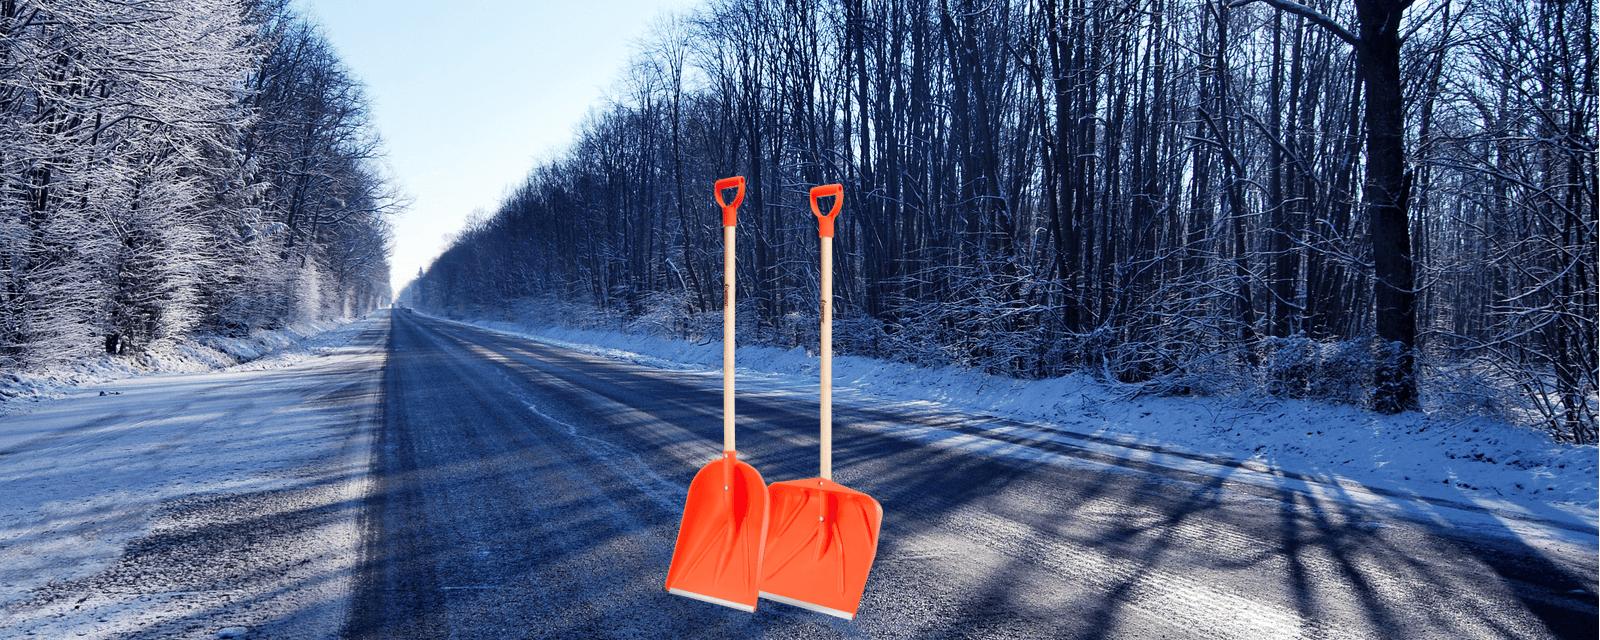 Лопаты <p>Лезвия изготовлены из высококачественных материалов, долговечны и устойчивы к механическим повреждениям. Идеально подходит для уборки снега, а также для других видов уборки.</p>